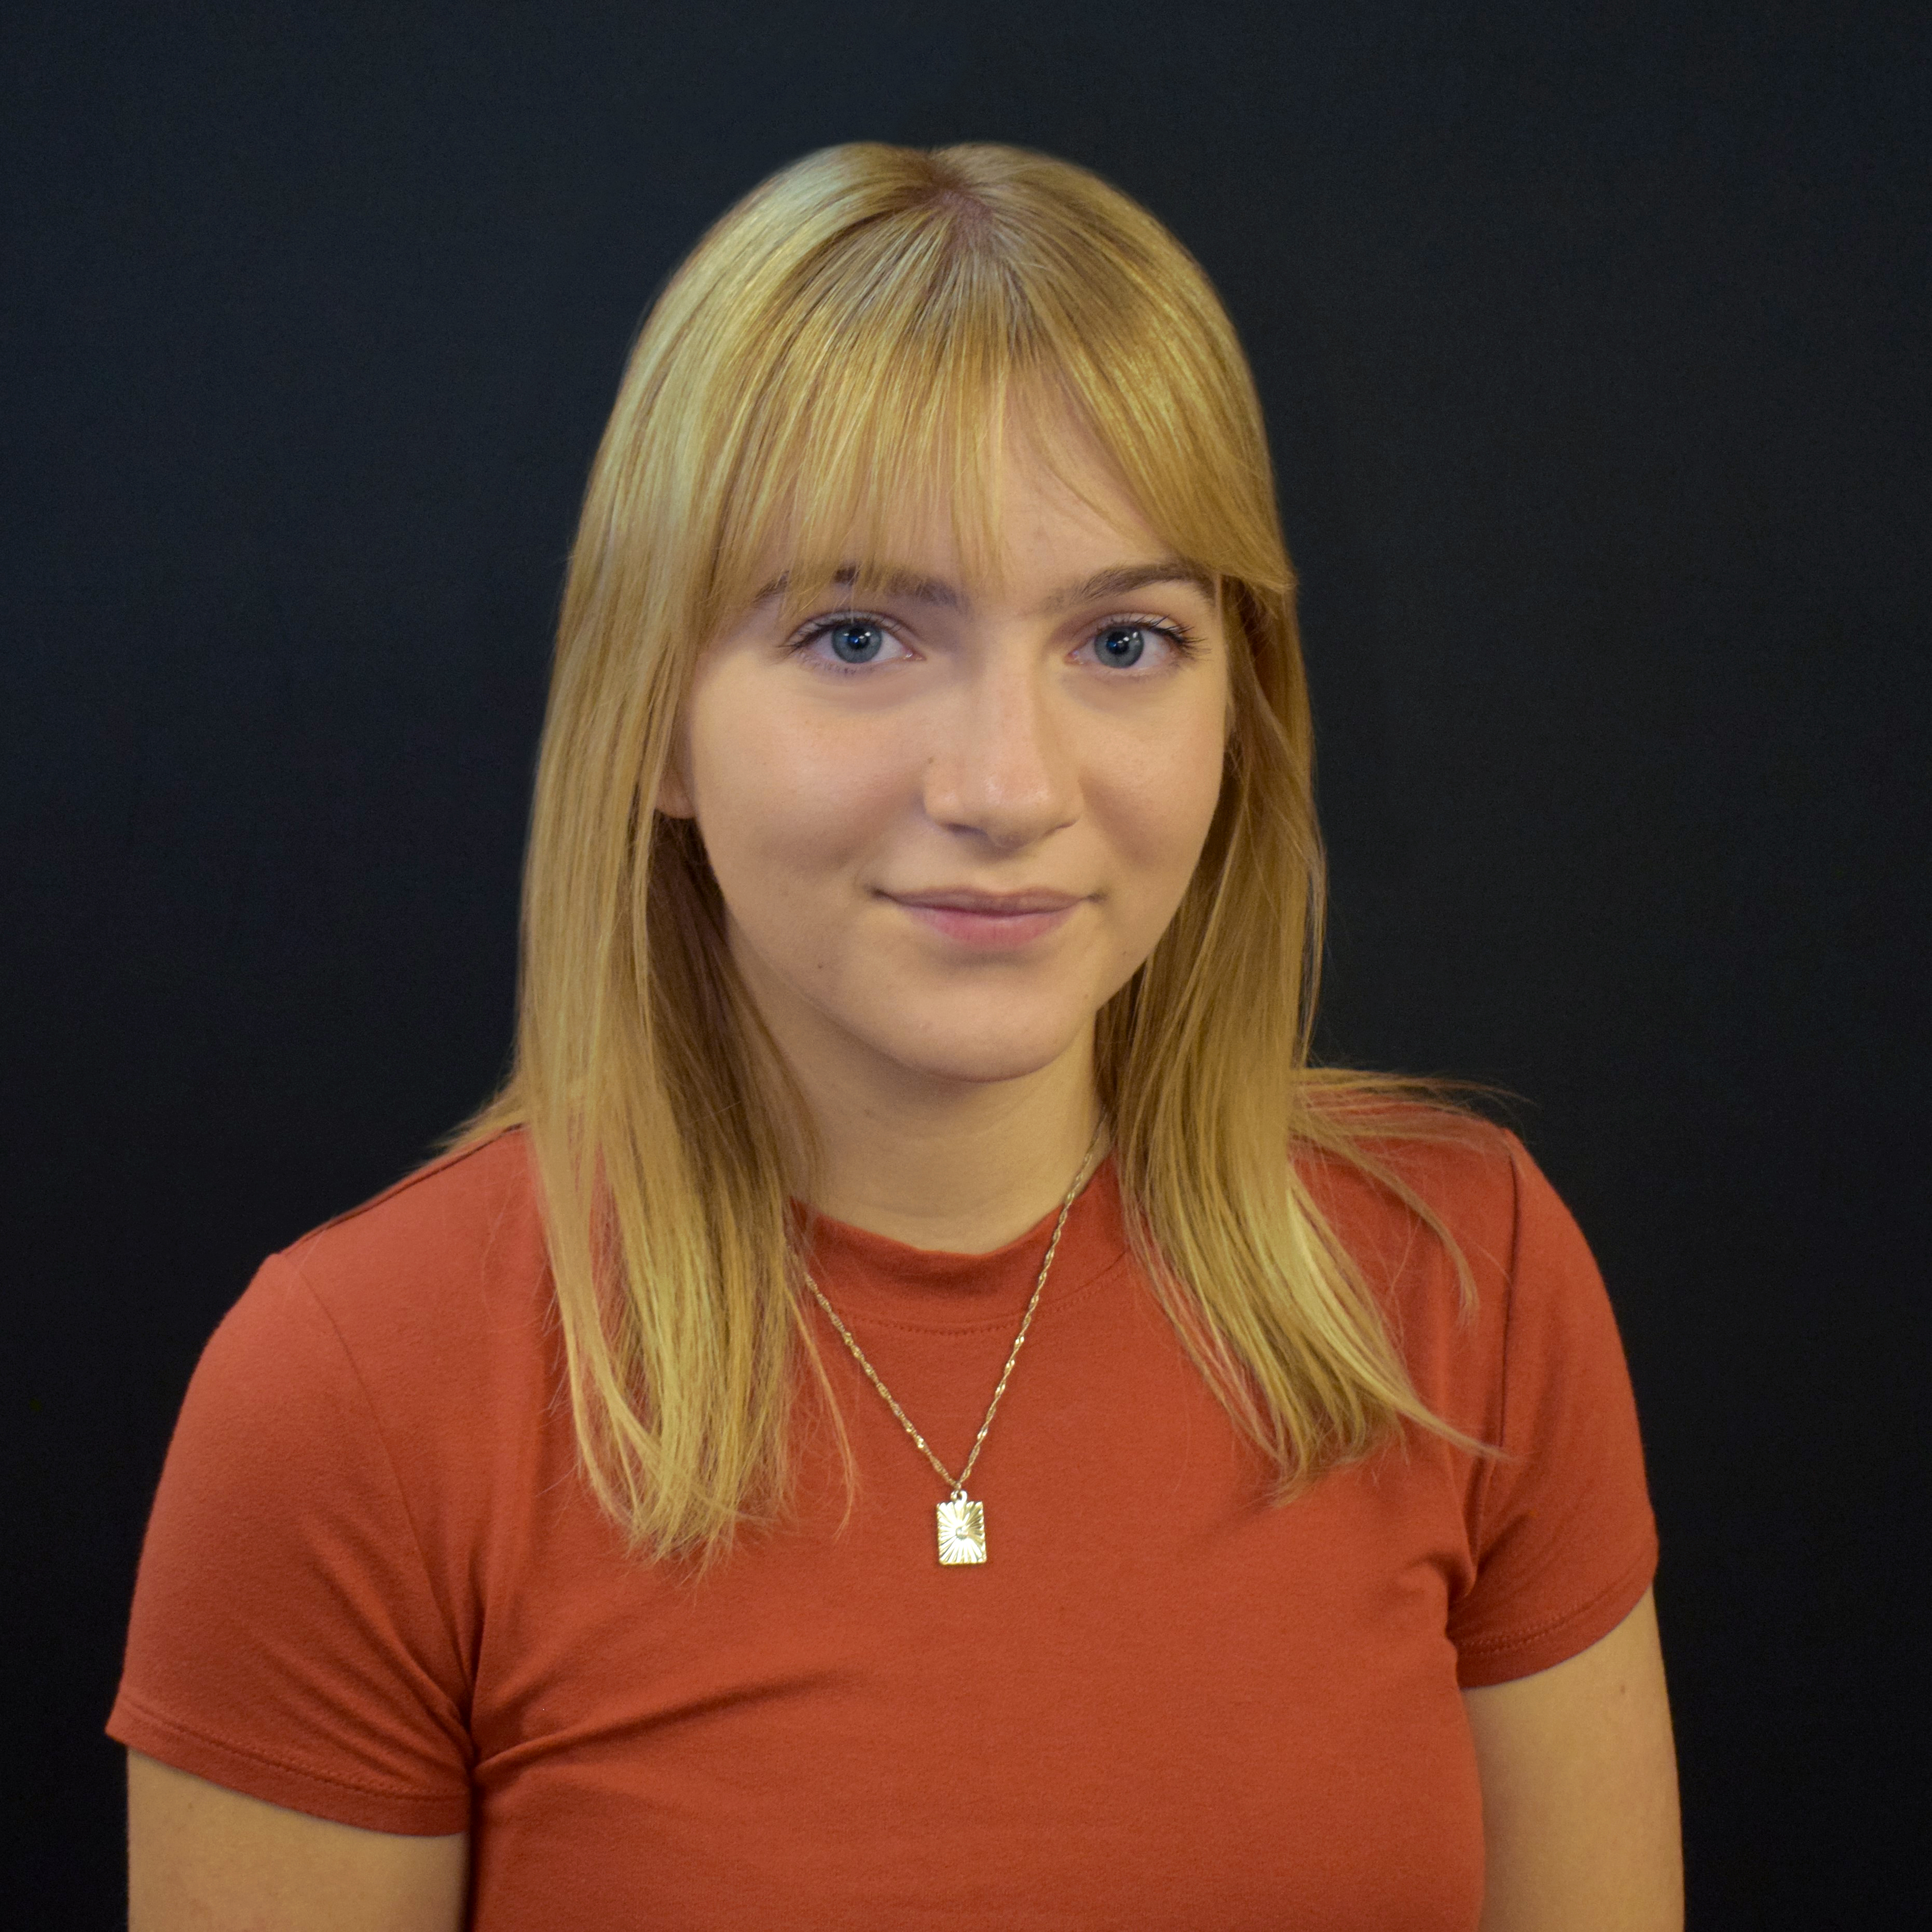 Olivia Whitten